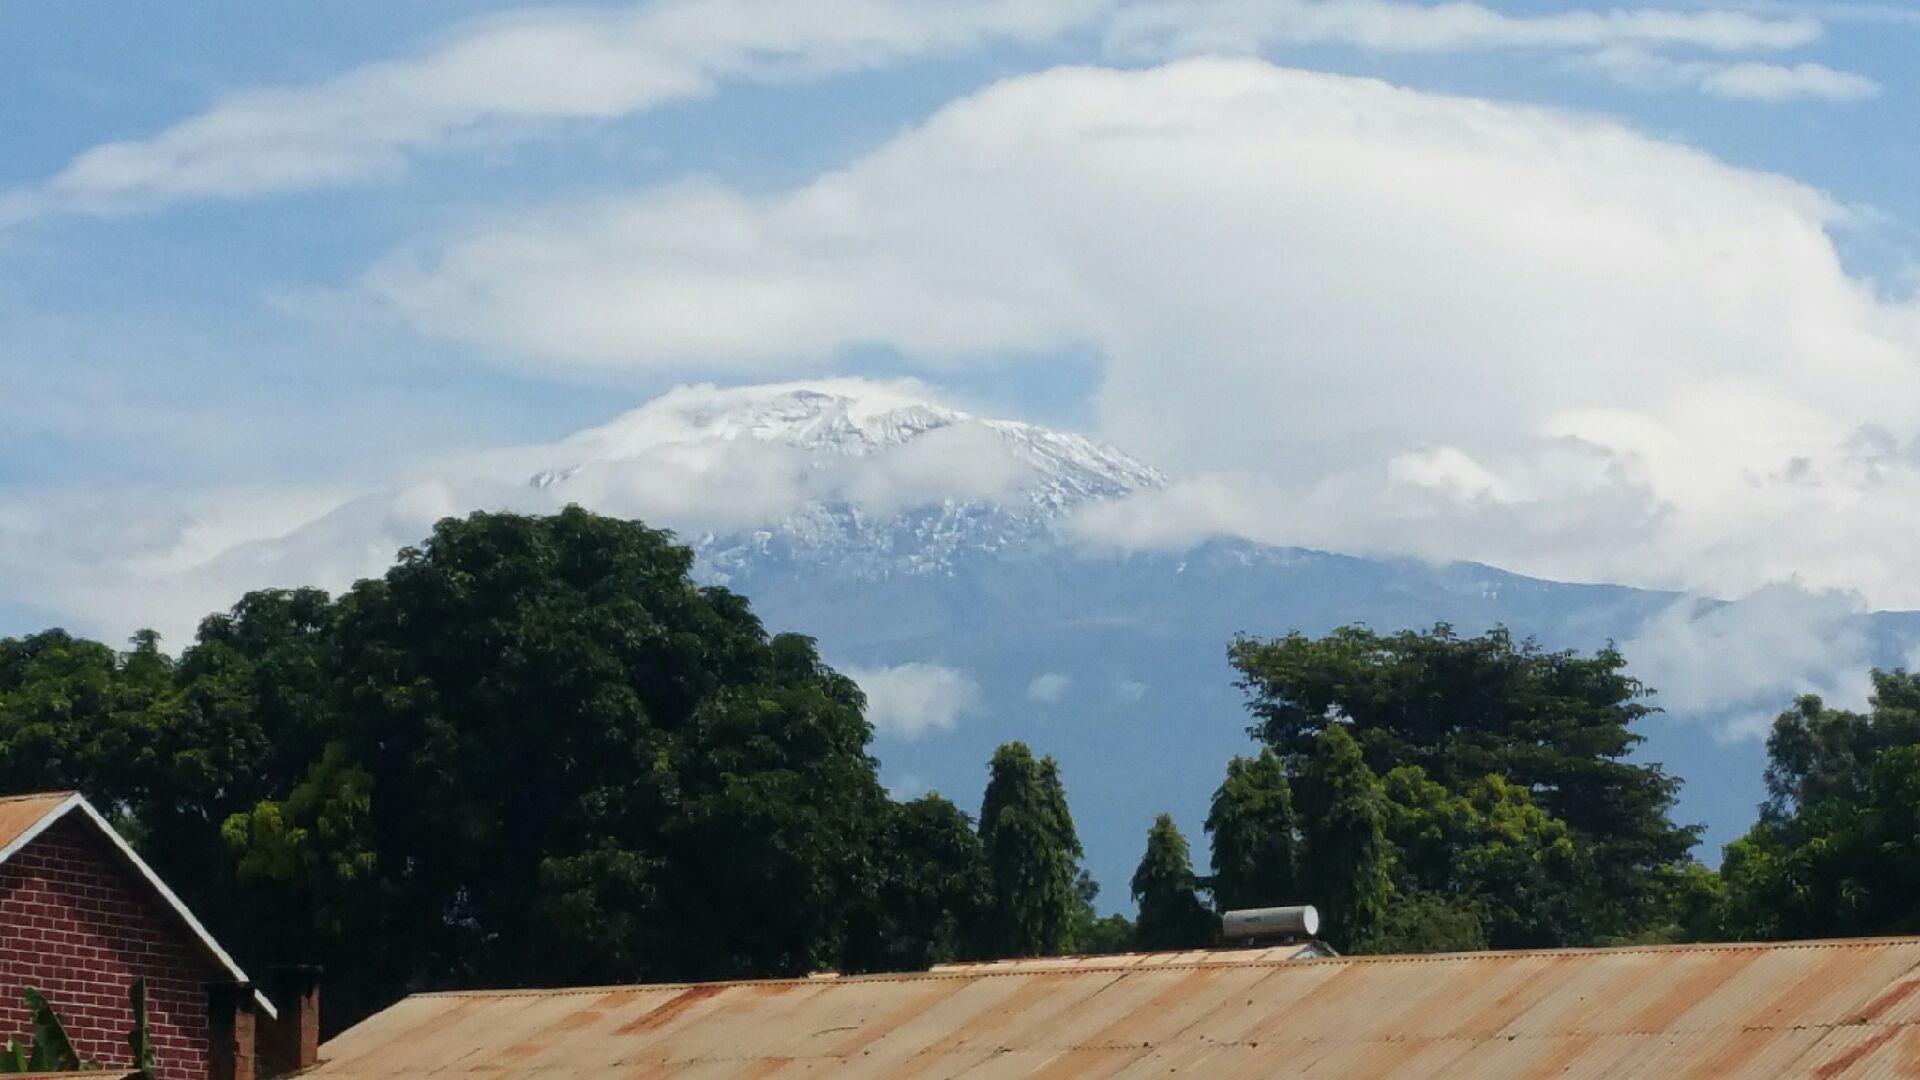 H20 -TANZANIE - Le Kilimanjaro magestueux dans les nuages - jeudi 05 mars